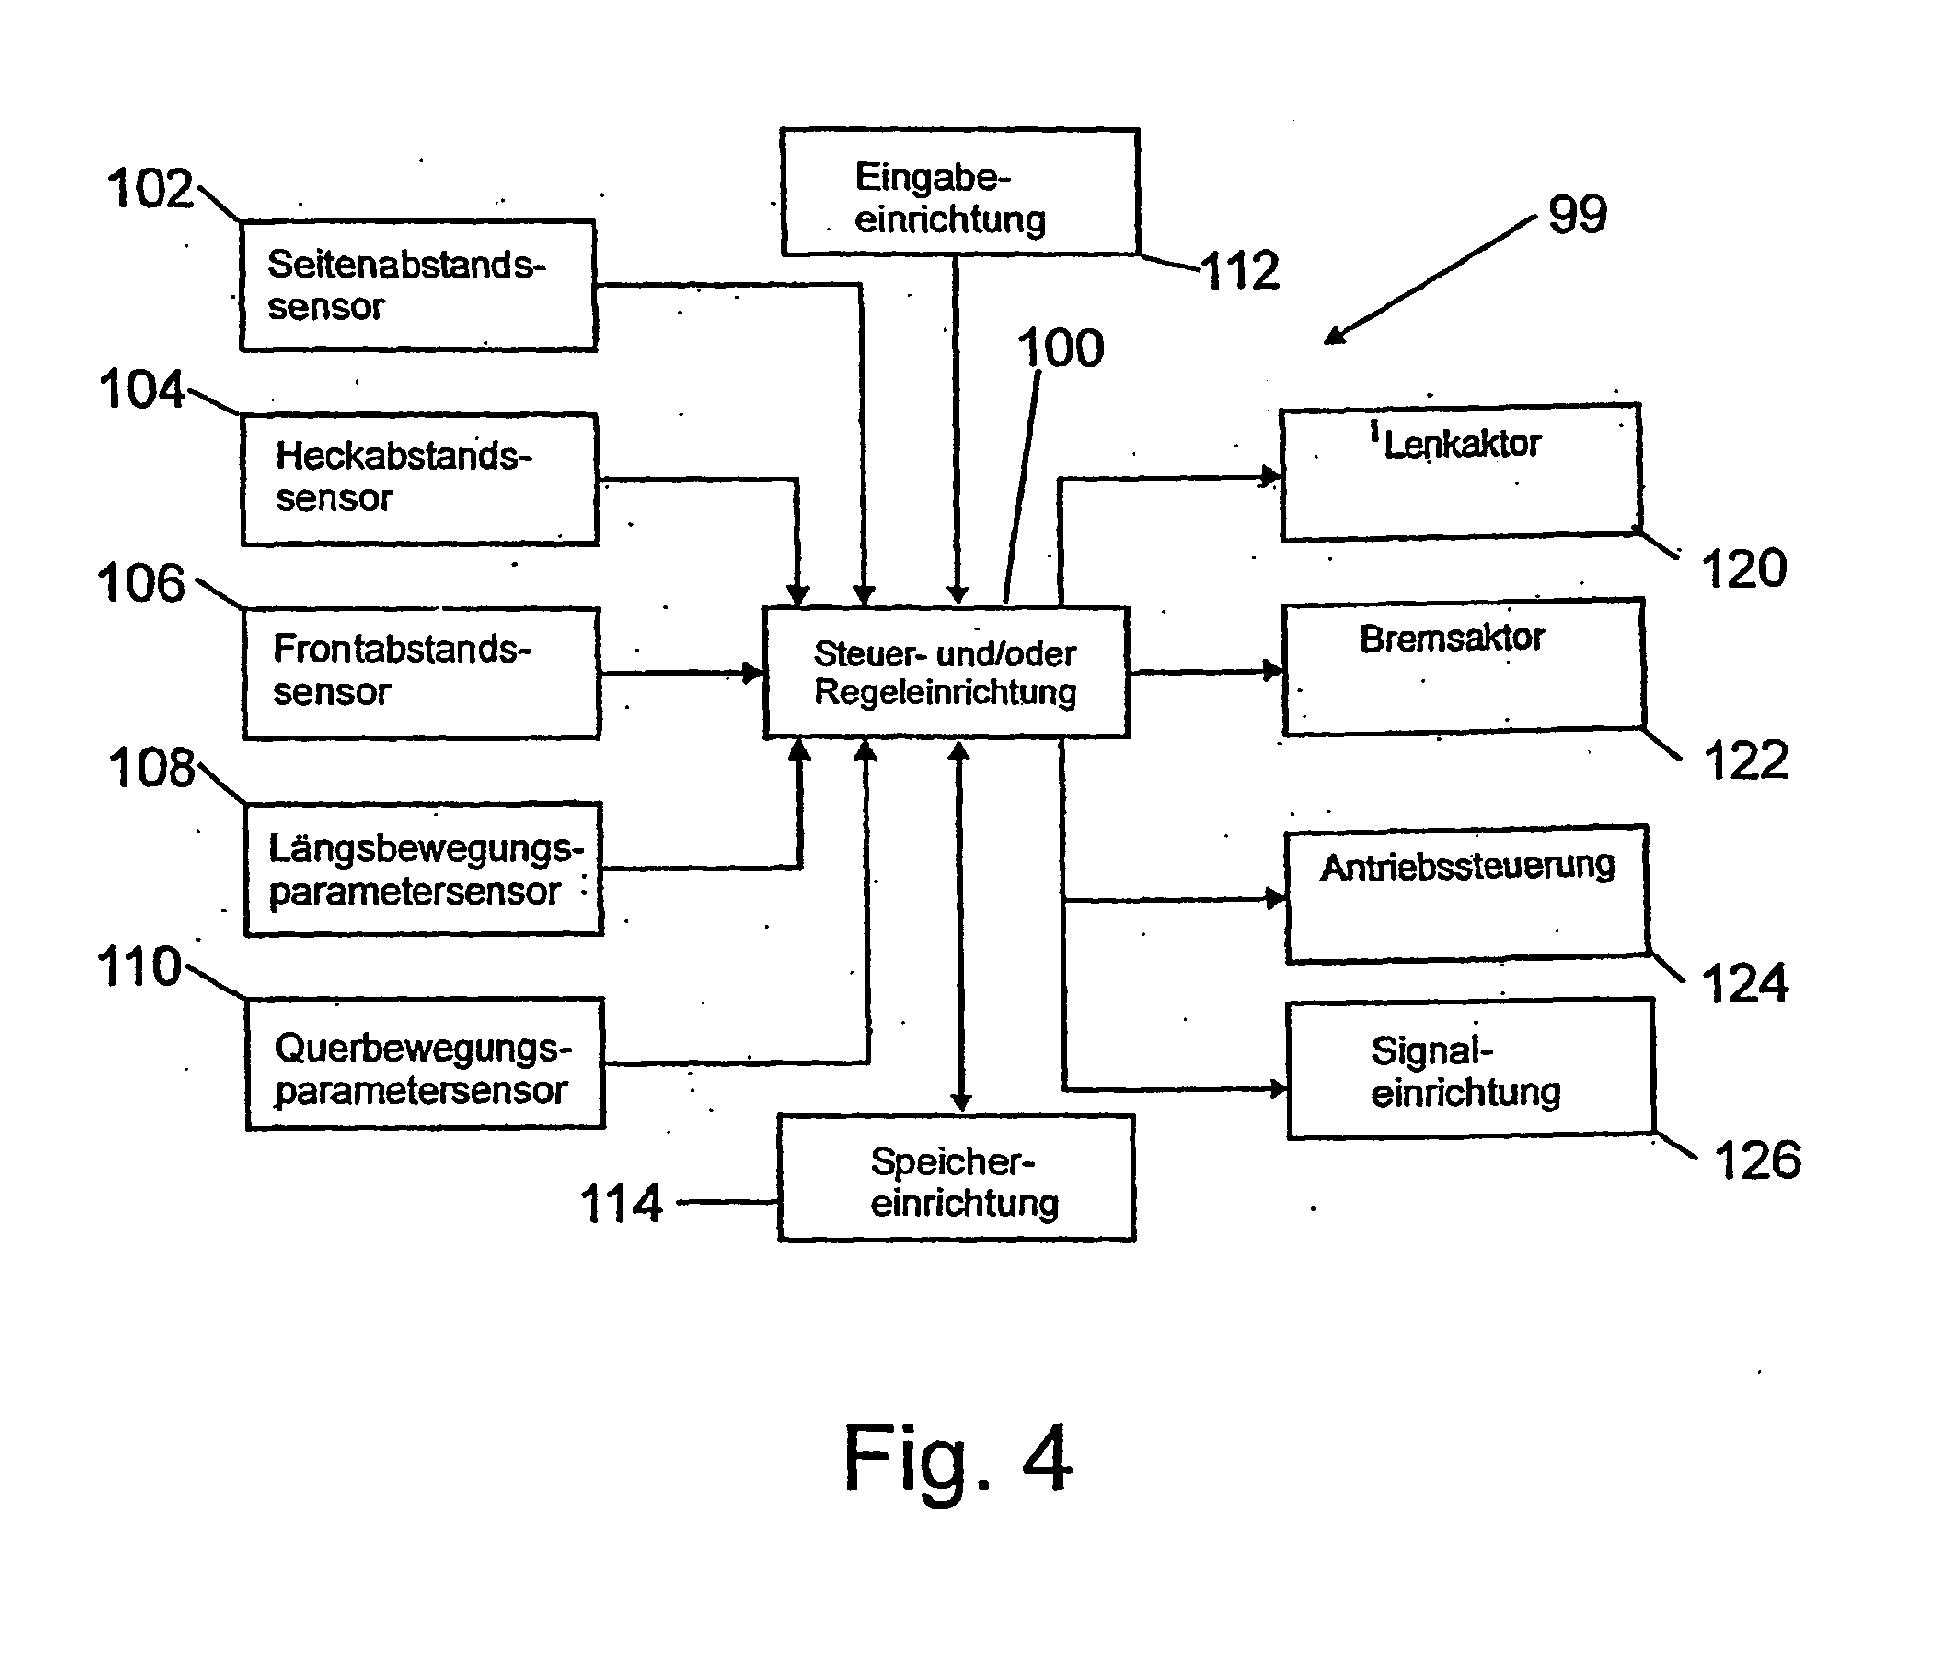 patent ep1812272b1 verfahren zur automatischen steuerung. Black Bedroom Furniture Sets. Home Design Ideas